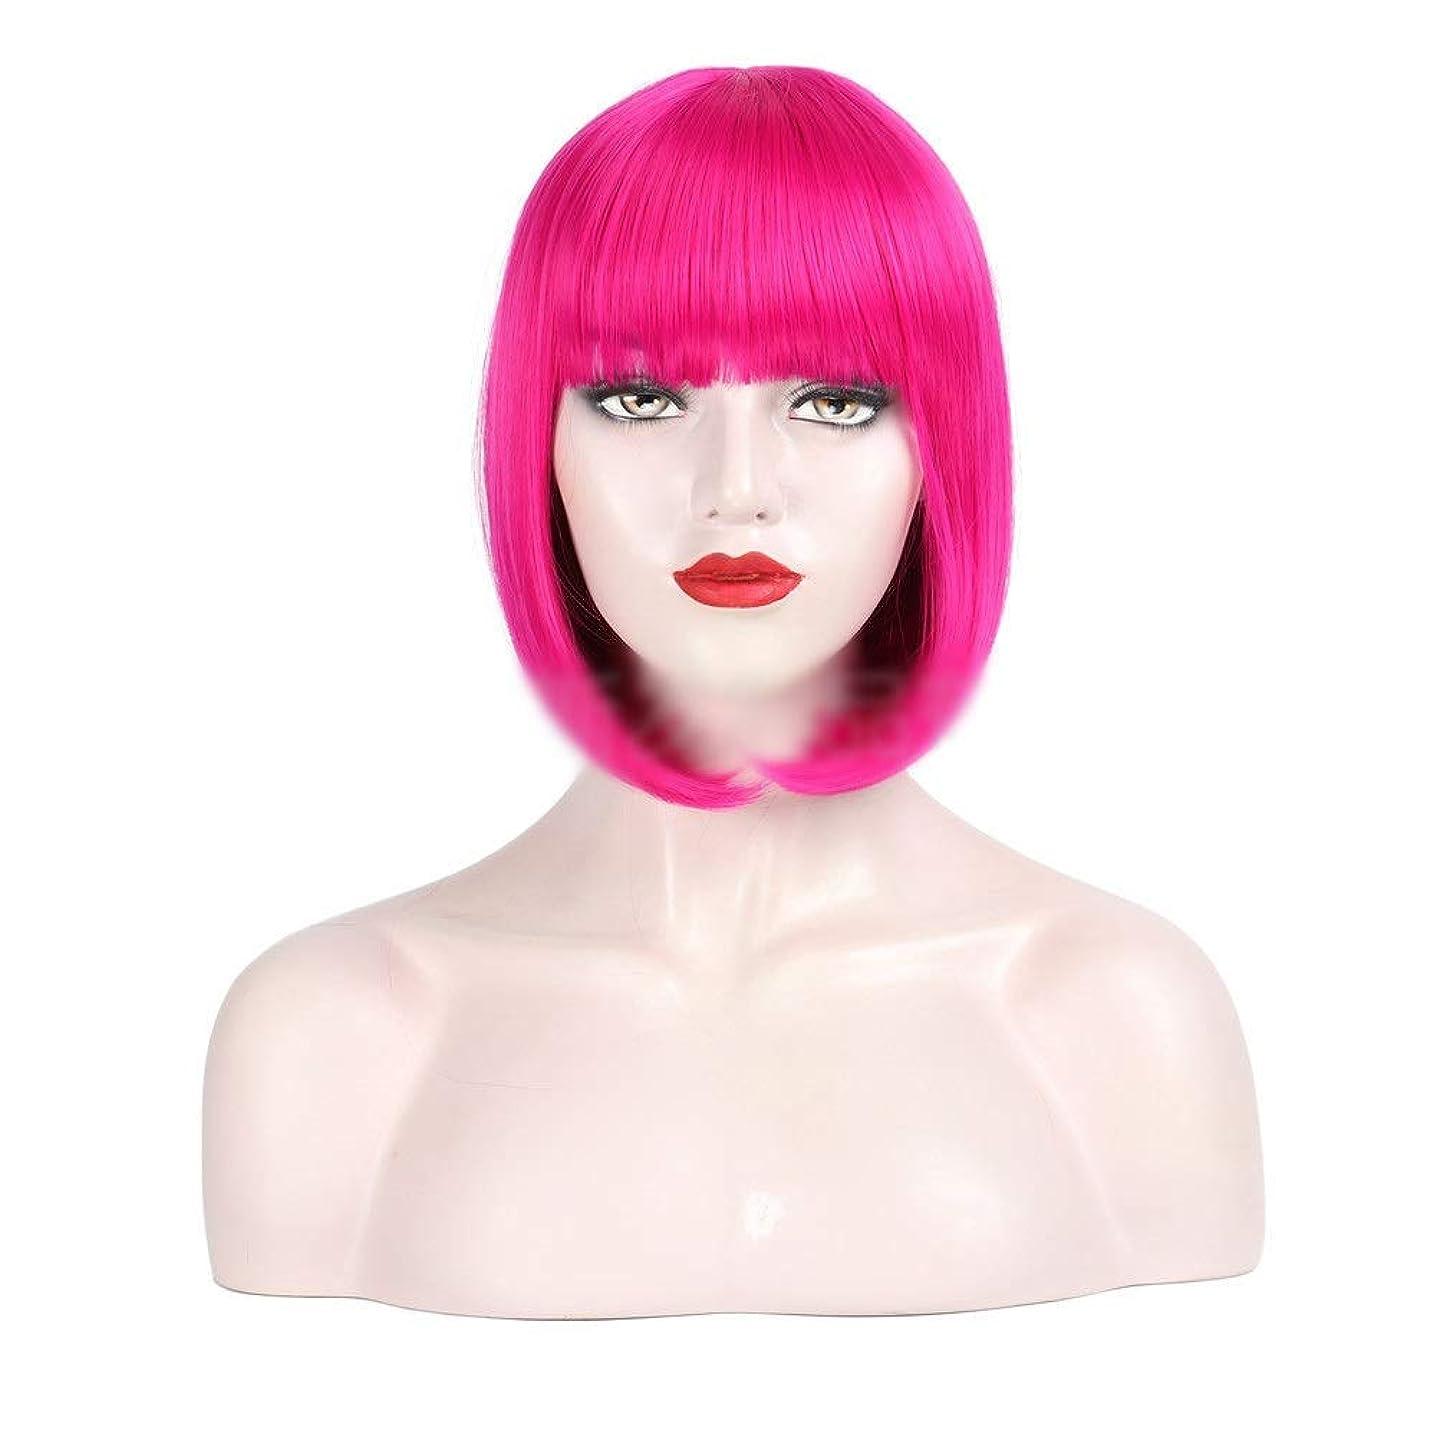 アフリカ人不安定なシリアルHOHYLLYA 30センチコスプレパーティーウィッグローズレッドボブウィッグふわふわショートストレートヘア用女性パーティーウィッグ (色 : ローズレッド)